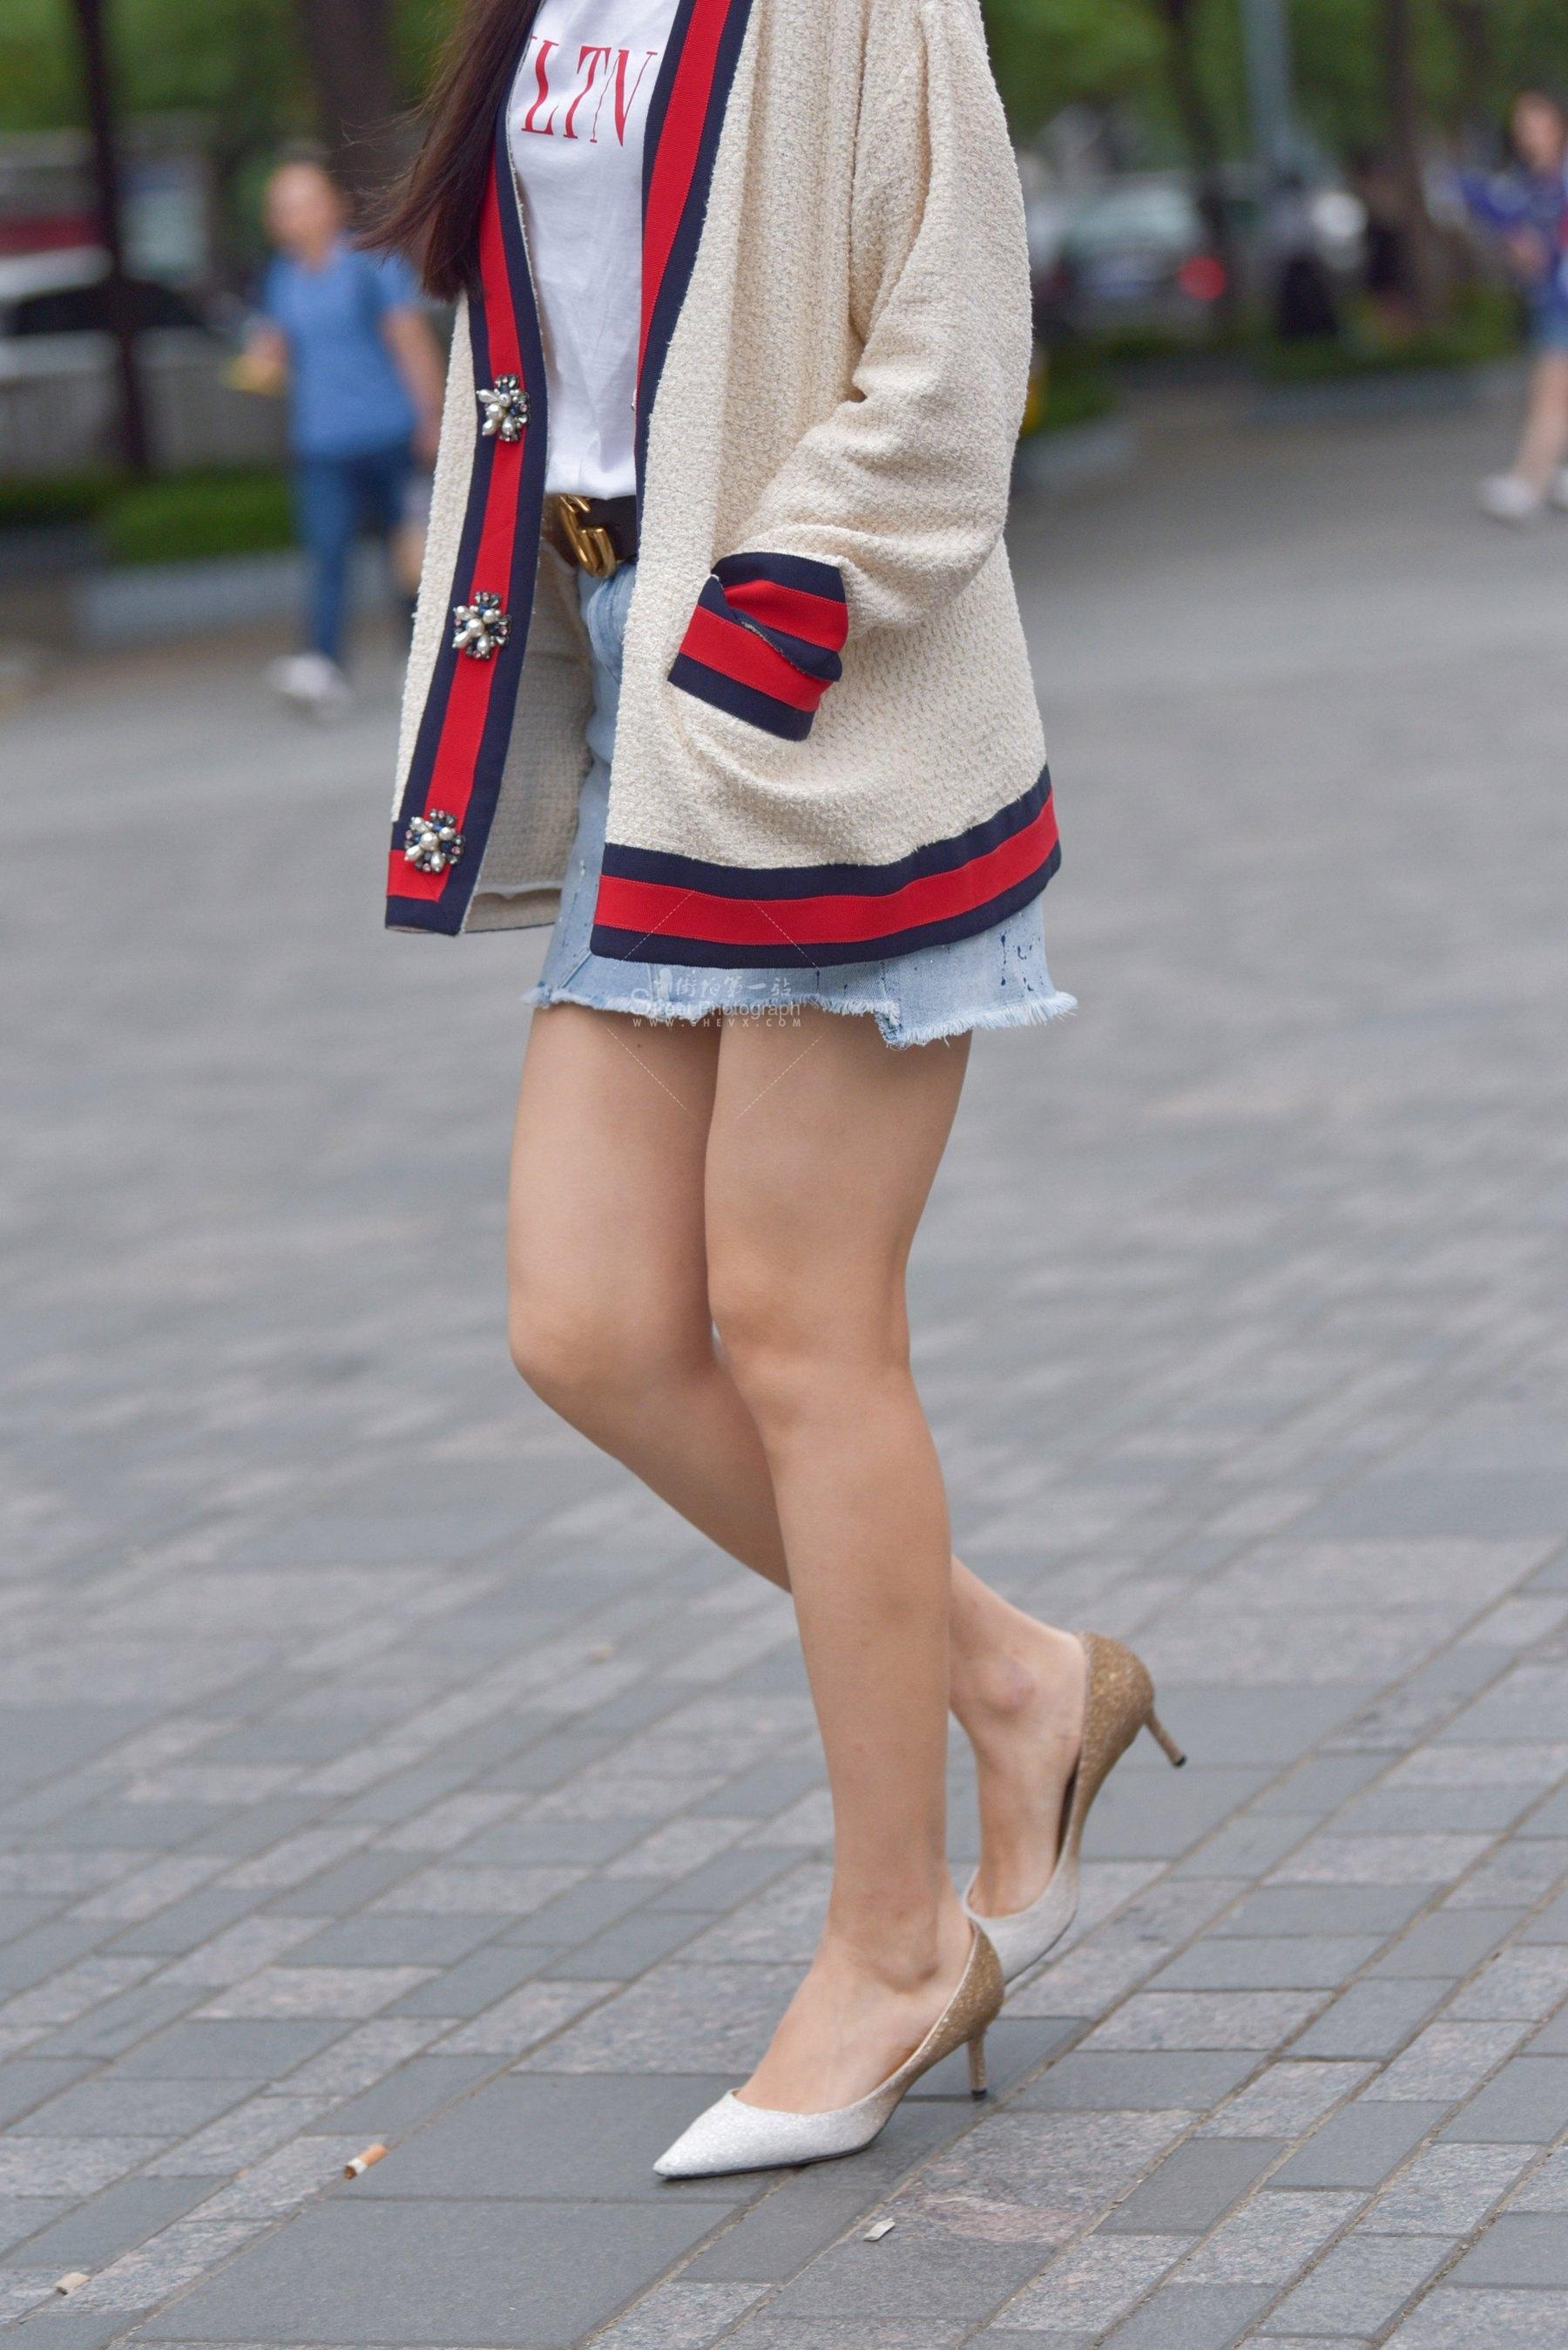 街拍长腿,街拍长腿美女,街拍美女 时尚 长腿美女 最新街拍丝袜图片 街拍丝袜第一站